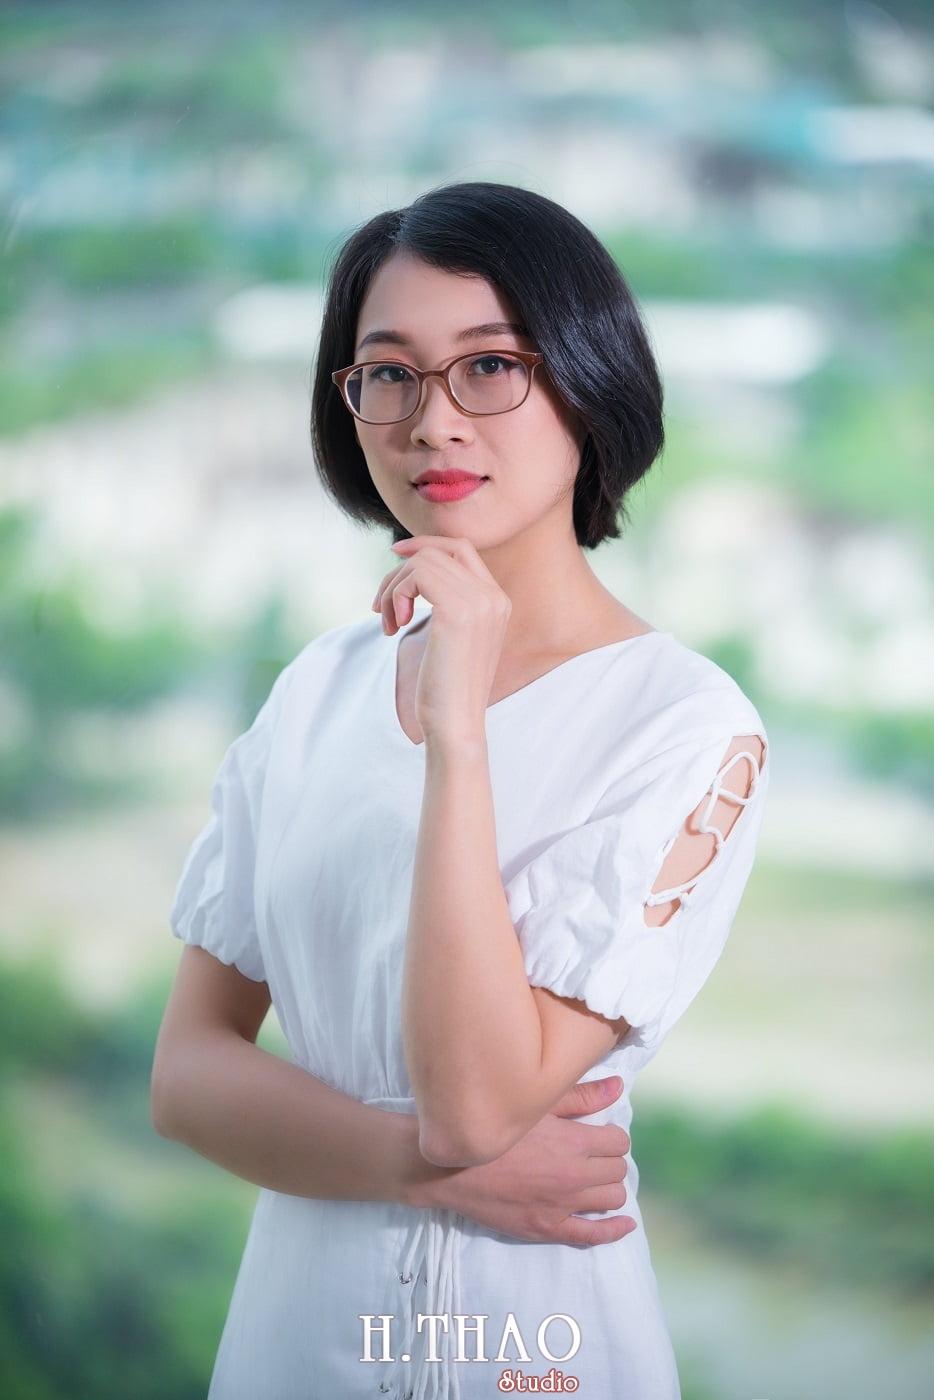 Anh chi Ngoc 7 min - Báo giá chụp ảnh cá nhân